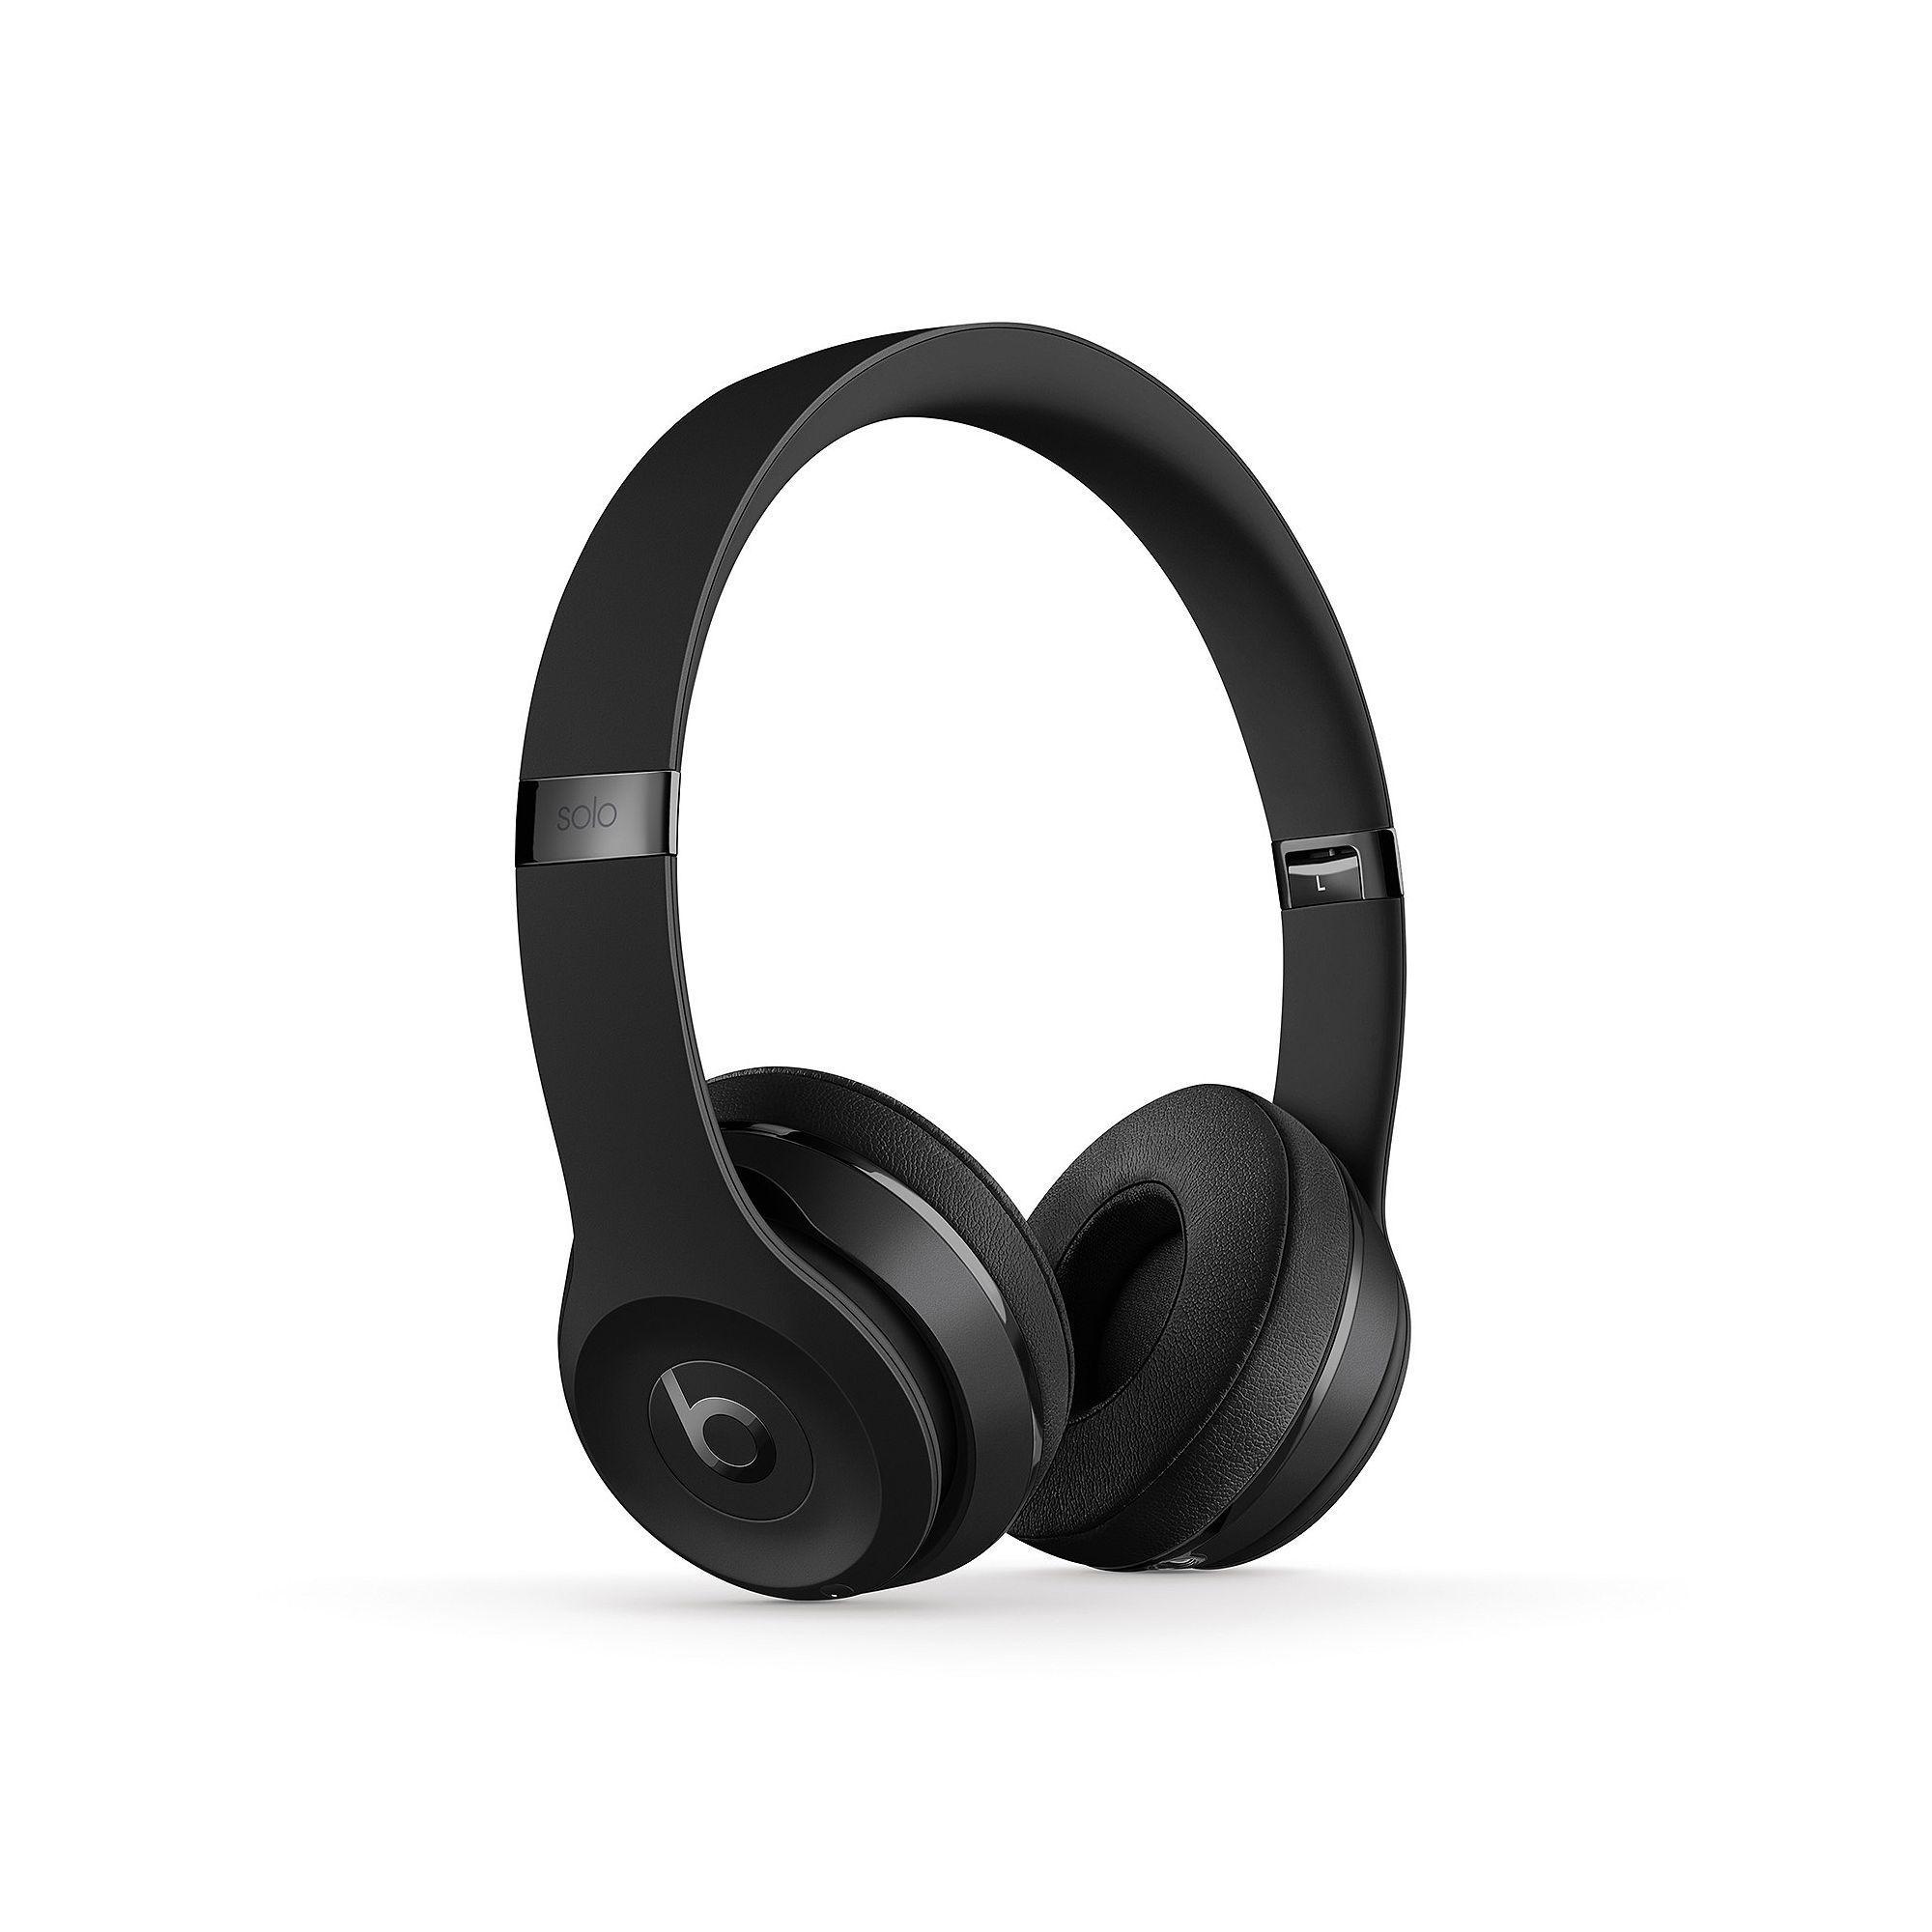 Beats Solo3 Wireless Headphones In ear headphones